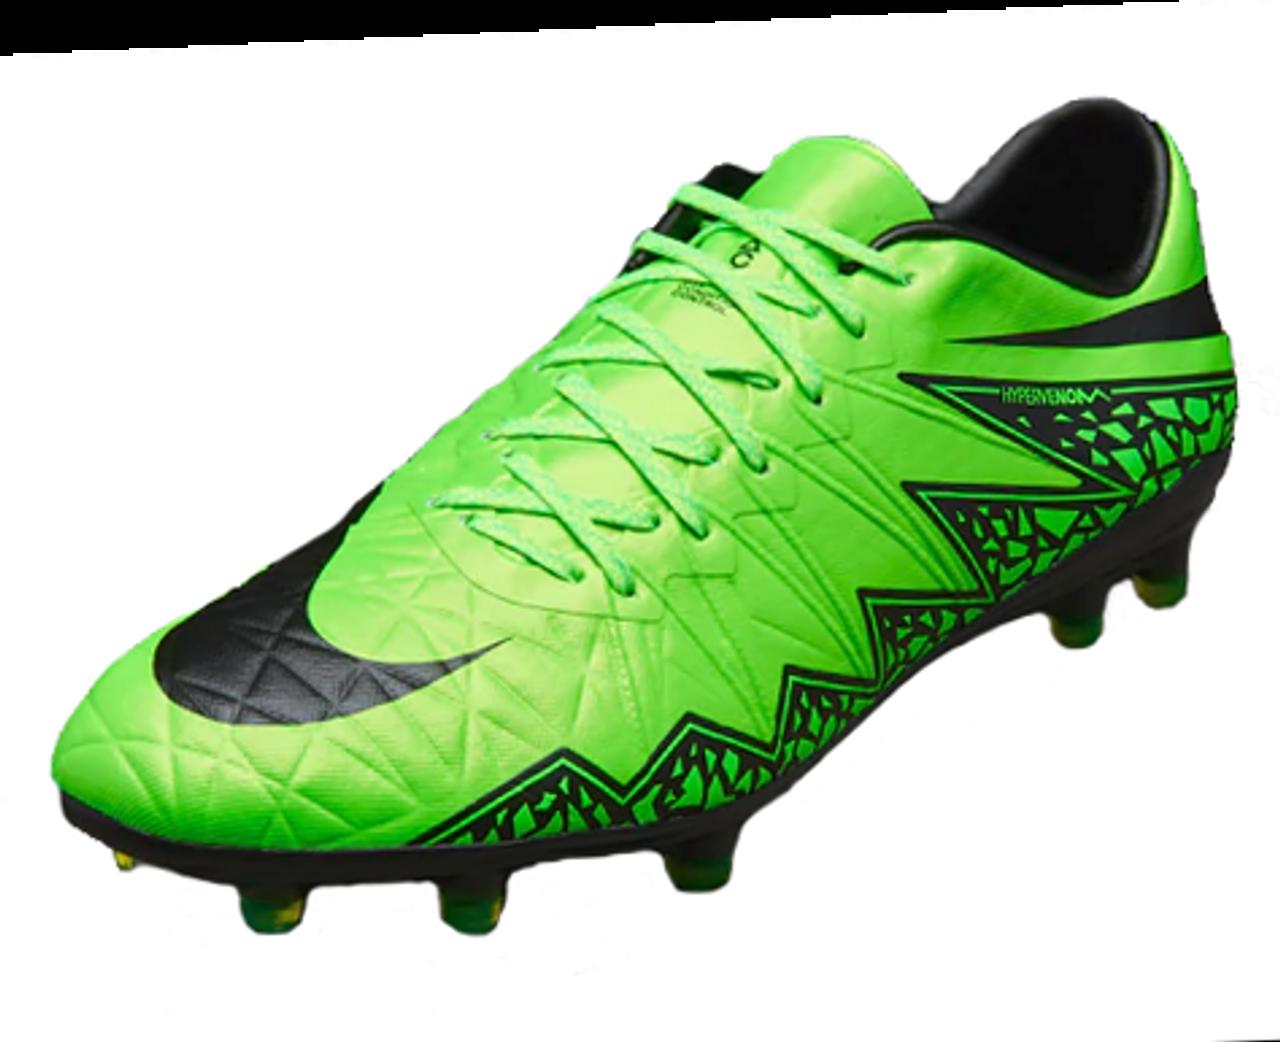 e412e8de1 Nike Hypervenom Phinish FG - Green Strike Black-Volt-Black (121318) - ohp  soccer